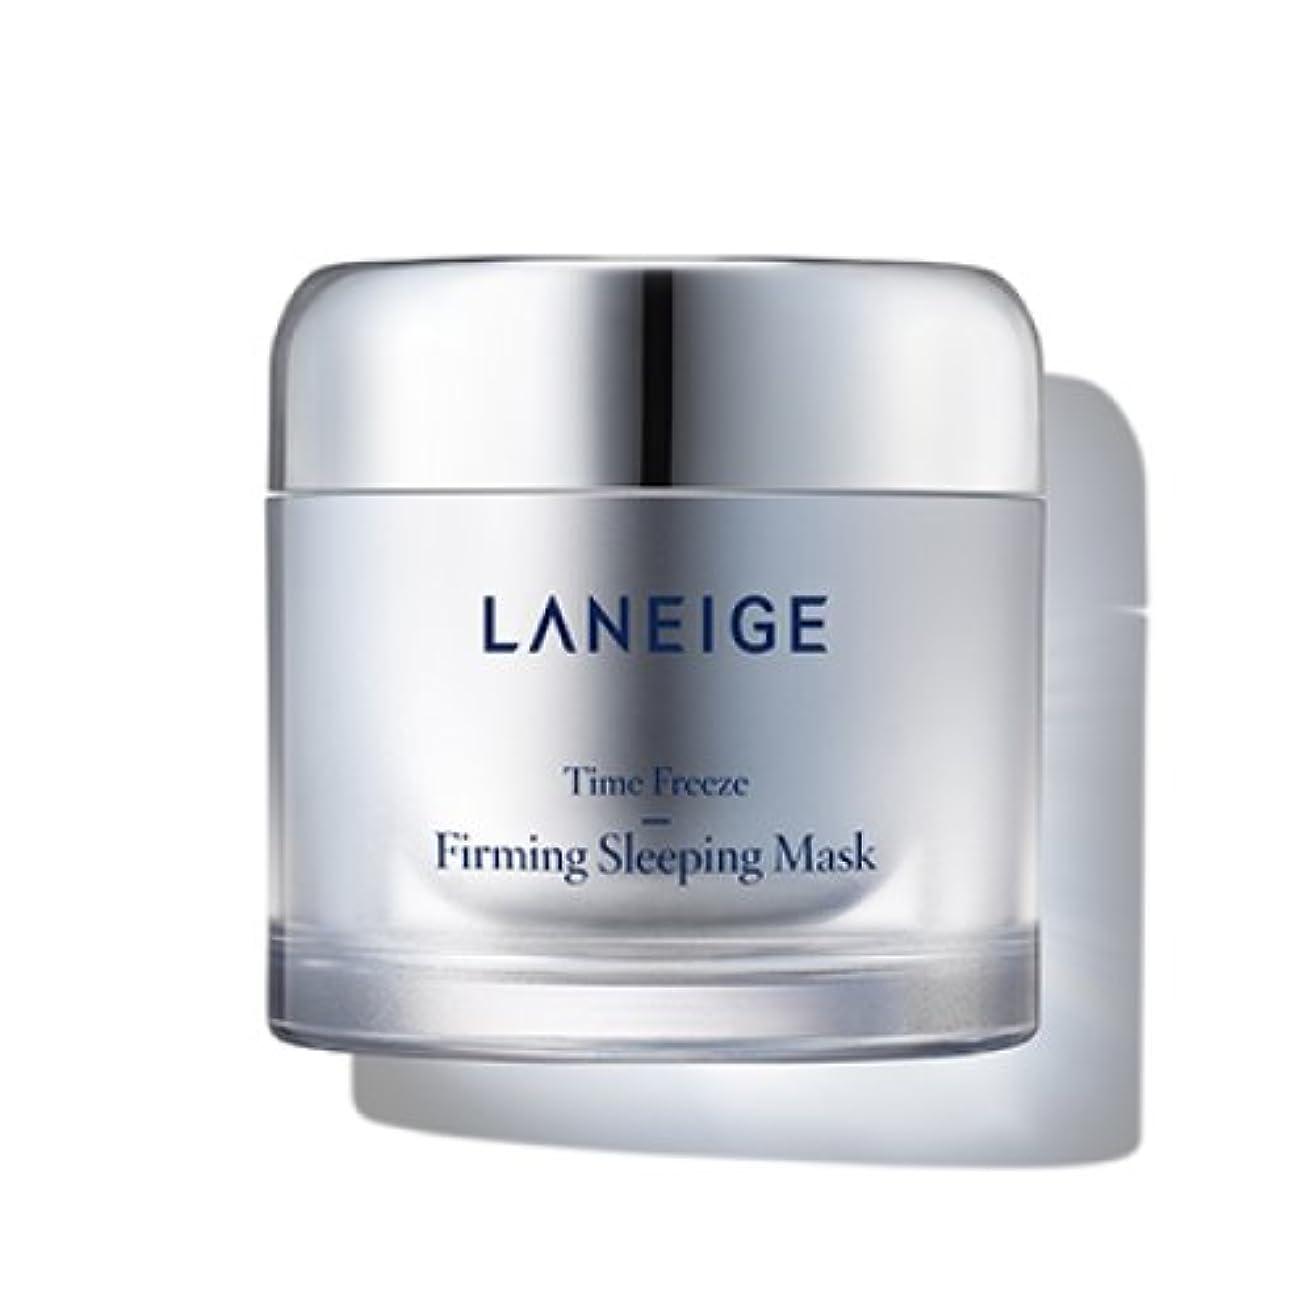 ポーチバングラデシュスティーブンソン[ラネージュ] LANEIGEタイムフリーズファーミングスリーピングマスク Time Freeze Firming Sleeping Mask(海外直送品) [並行輸入品]